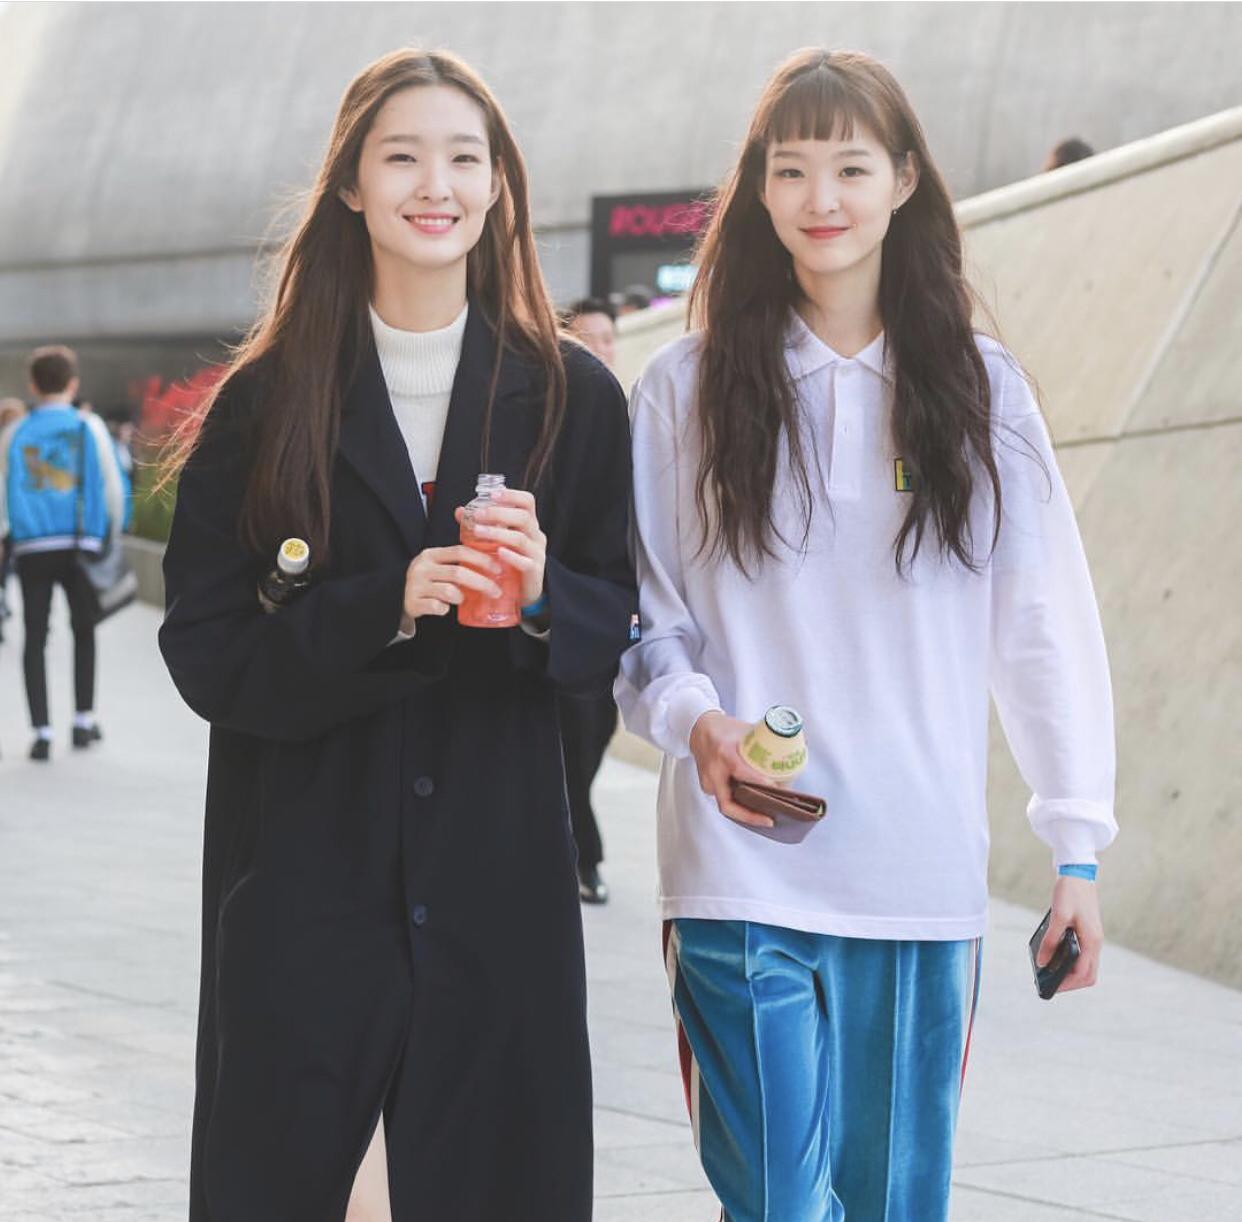 来源:seooooyoo0821 #日韩潮流品牌盘点12.31上新#